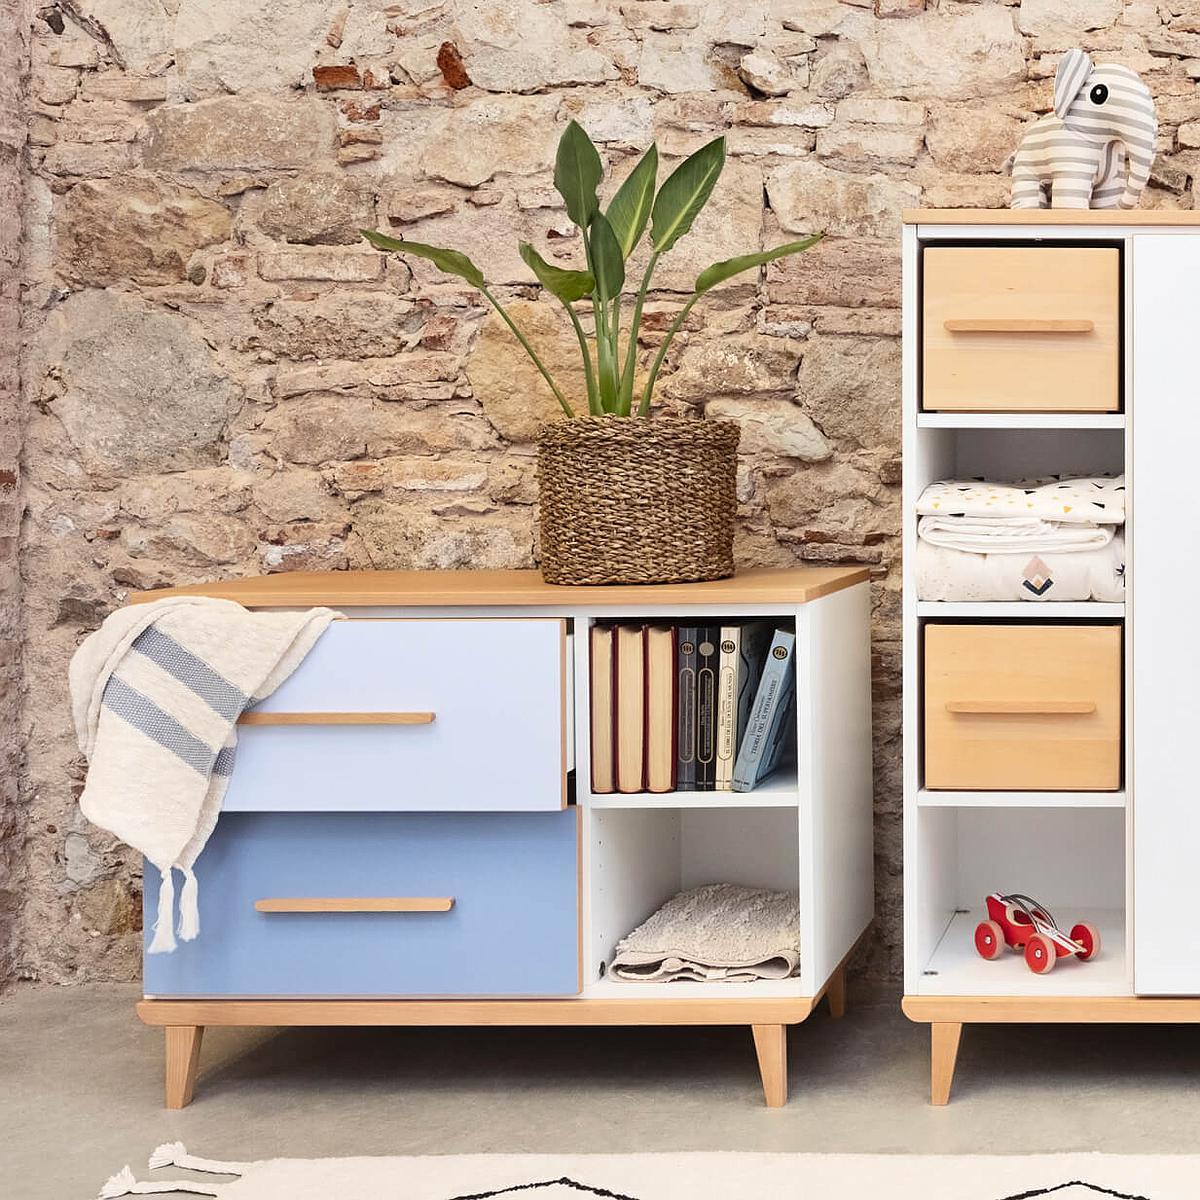 Mueble pequeño 2 cajones NADO slate grey